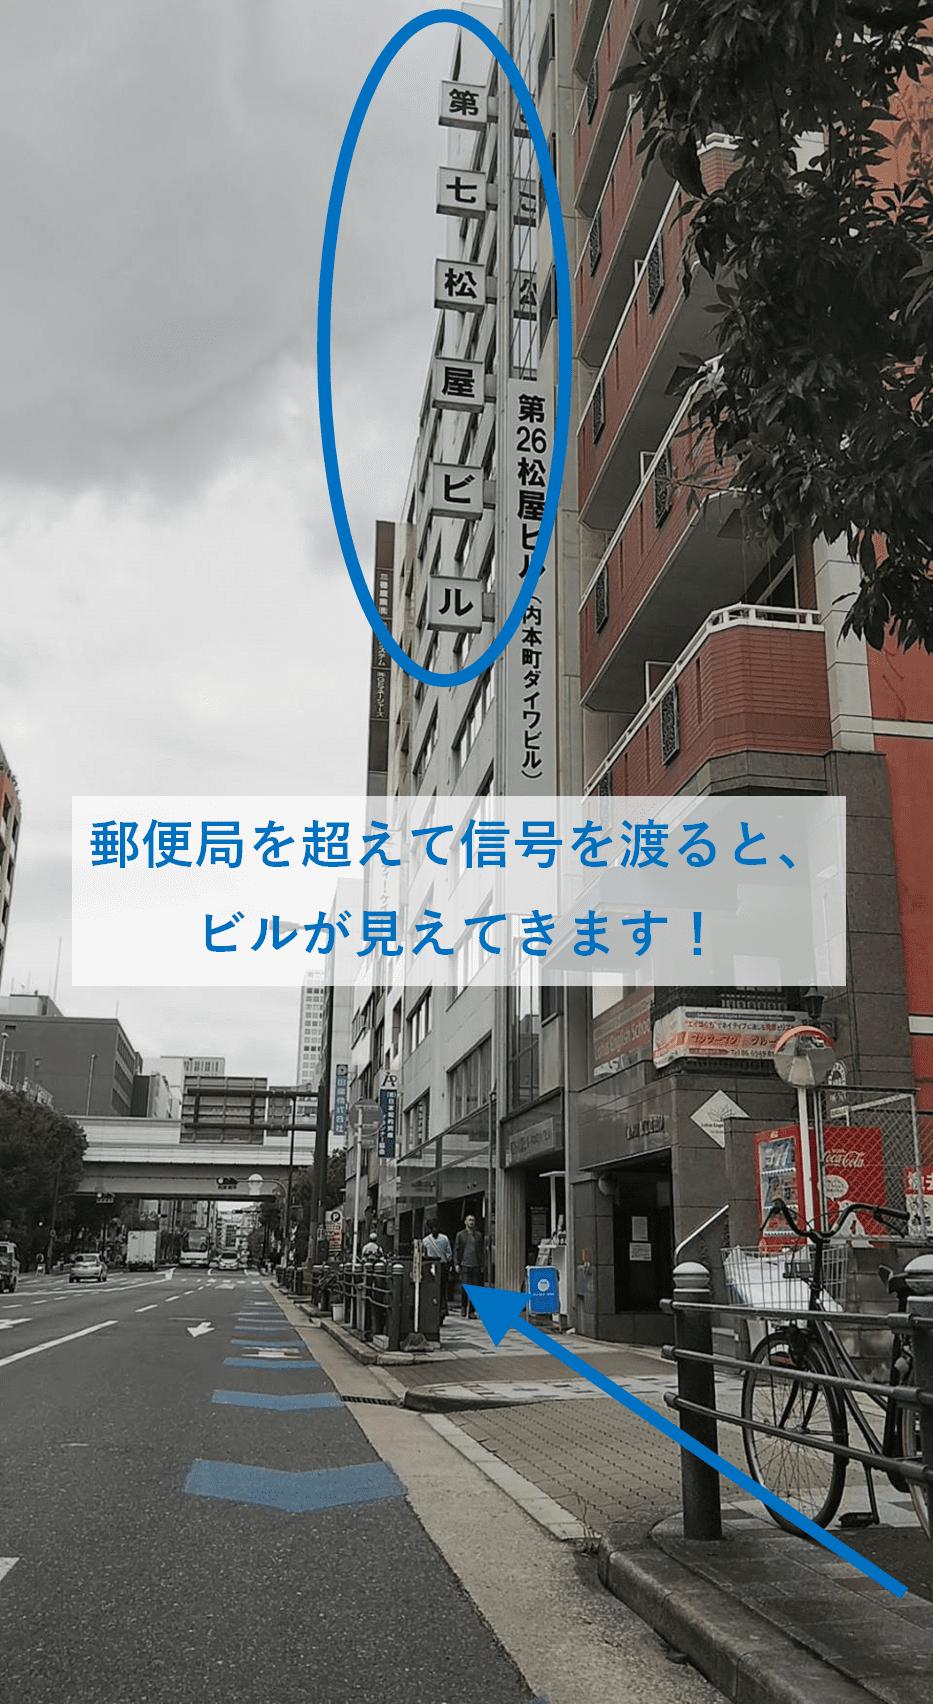 谷町四丁目駅から行政書士ロイヤル総合事務所までの道案内(7)